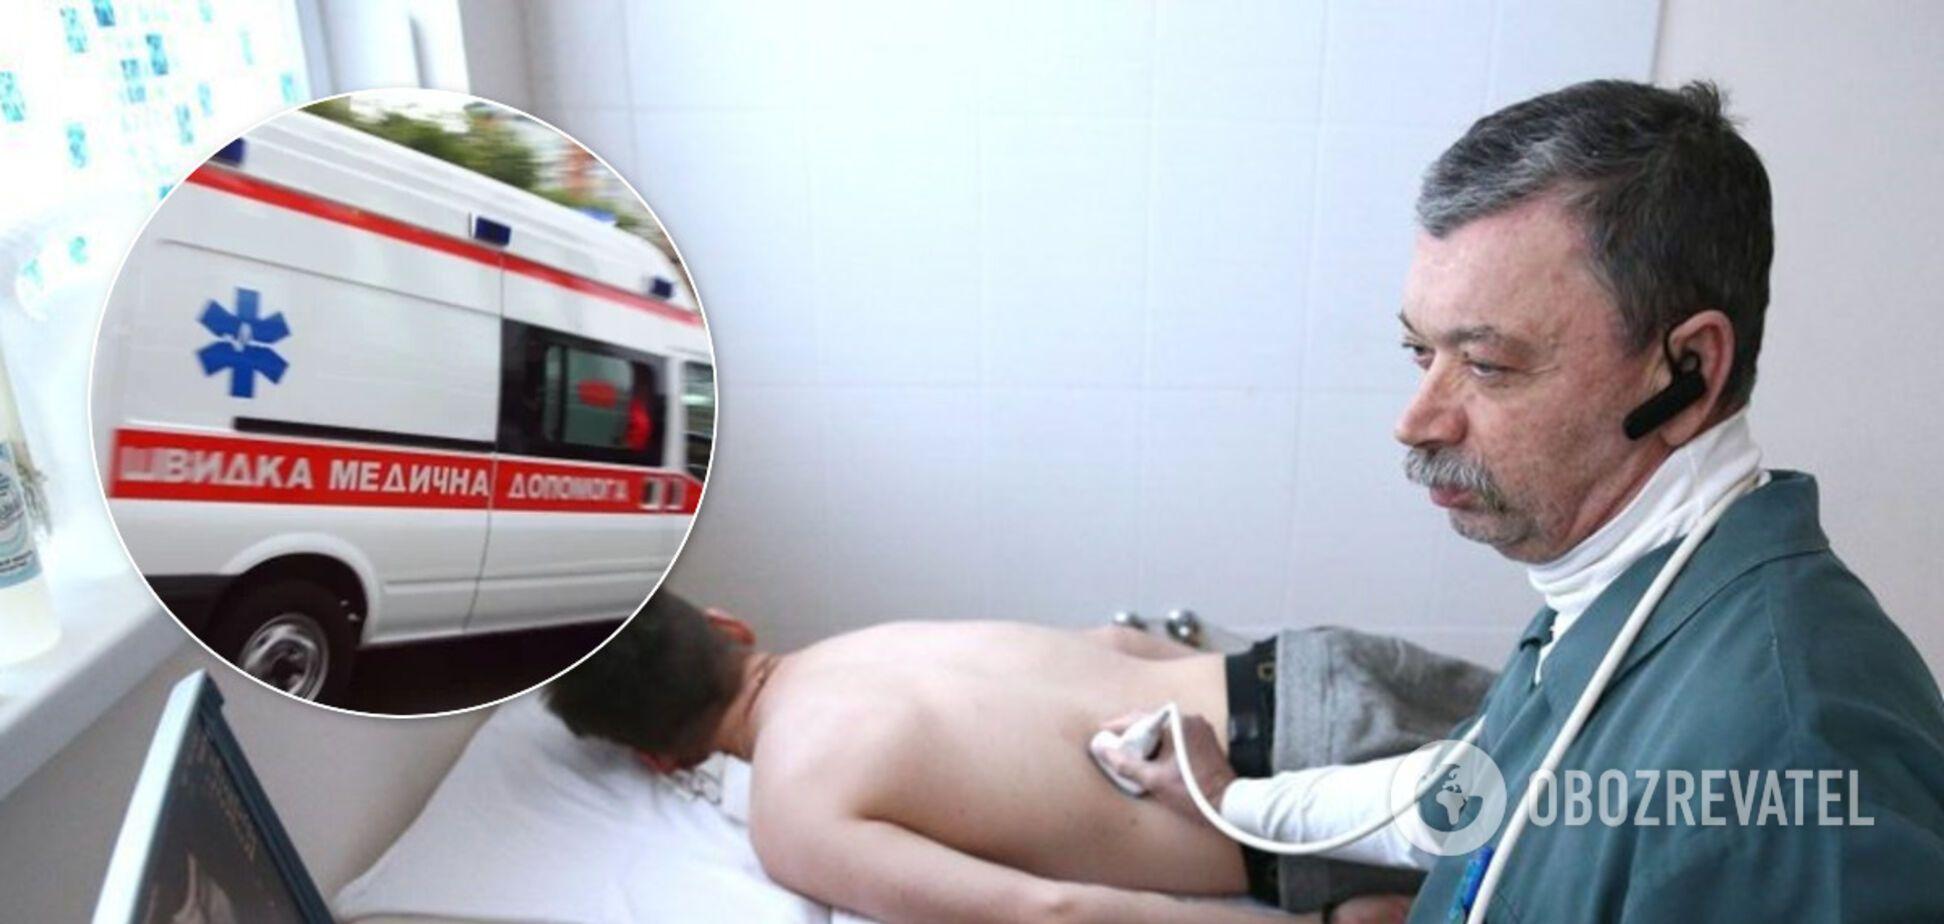 Теперь каждый зарабатывает сам! В больницах подняли ажиотаж из-за нового этапа медреформы в Украине